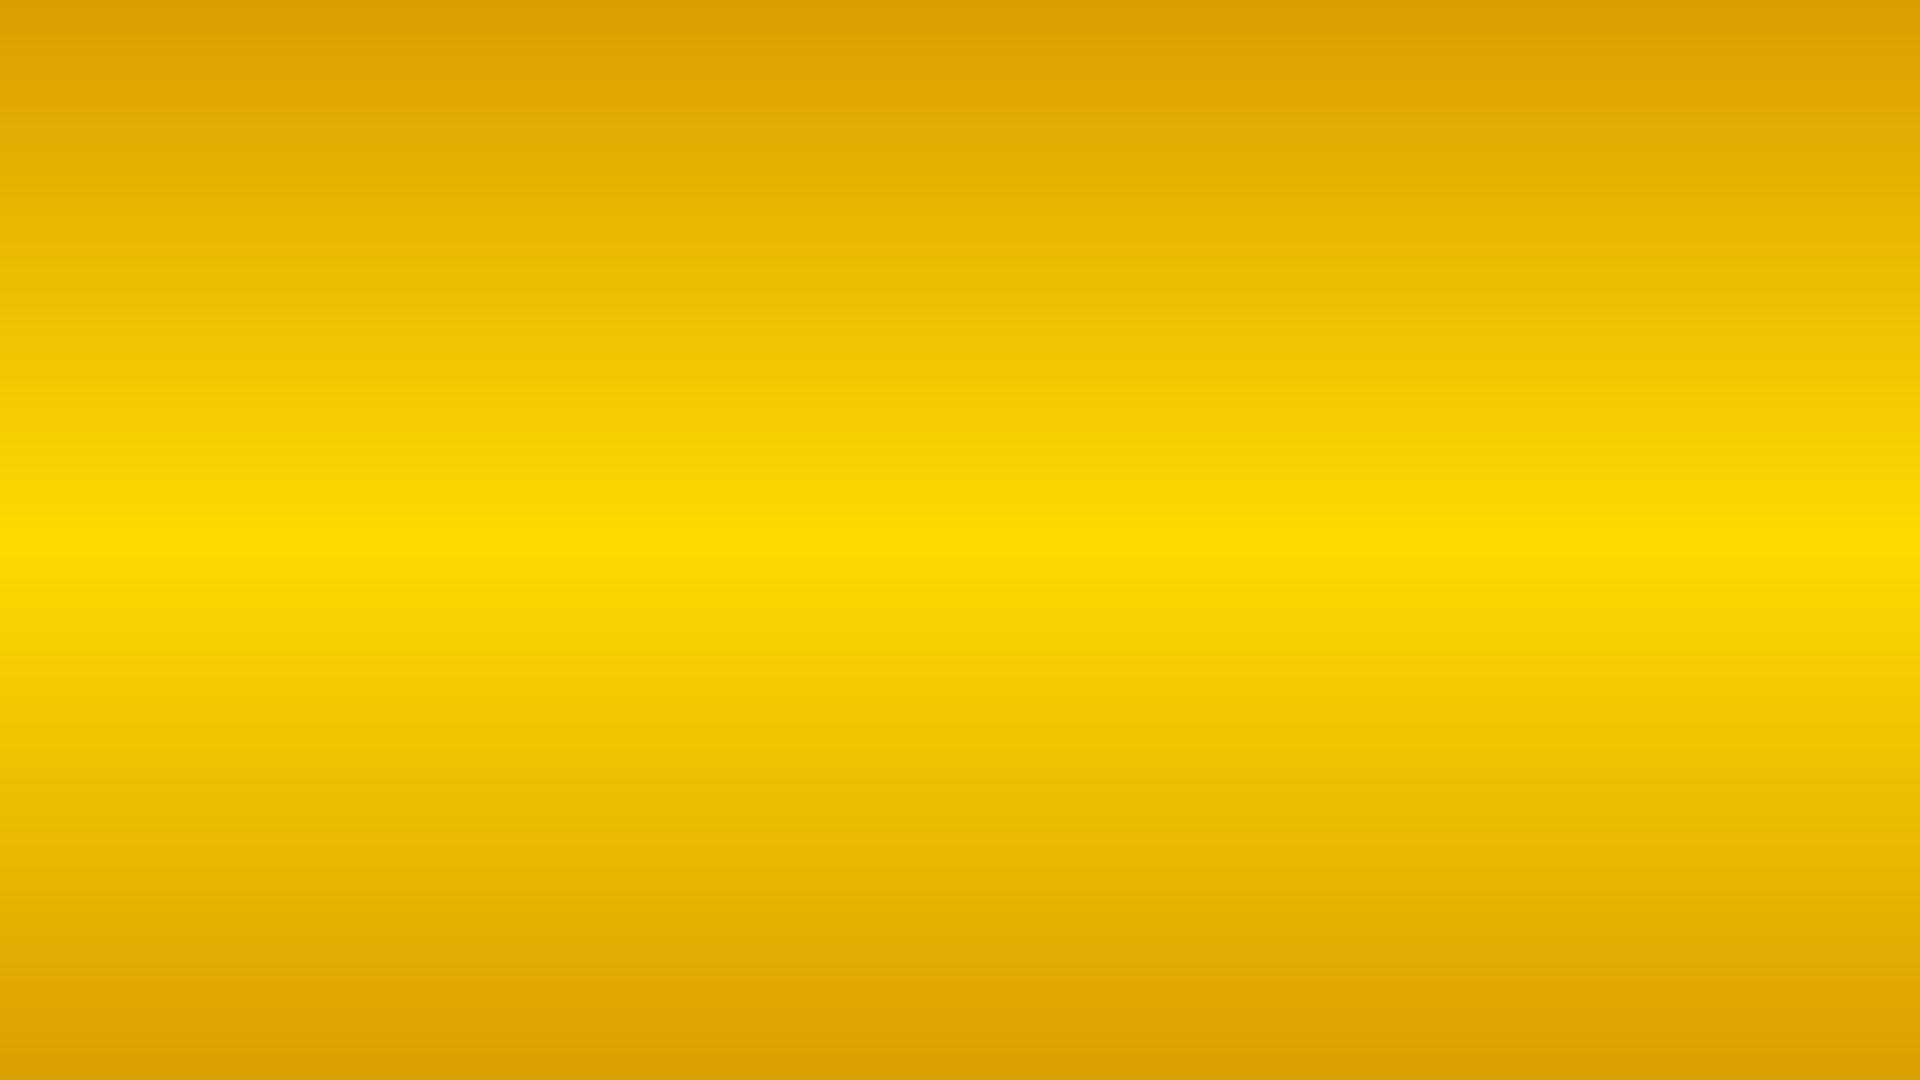 Golden Ratio Gradient 5 Gradient